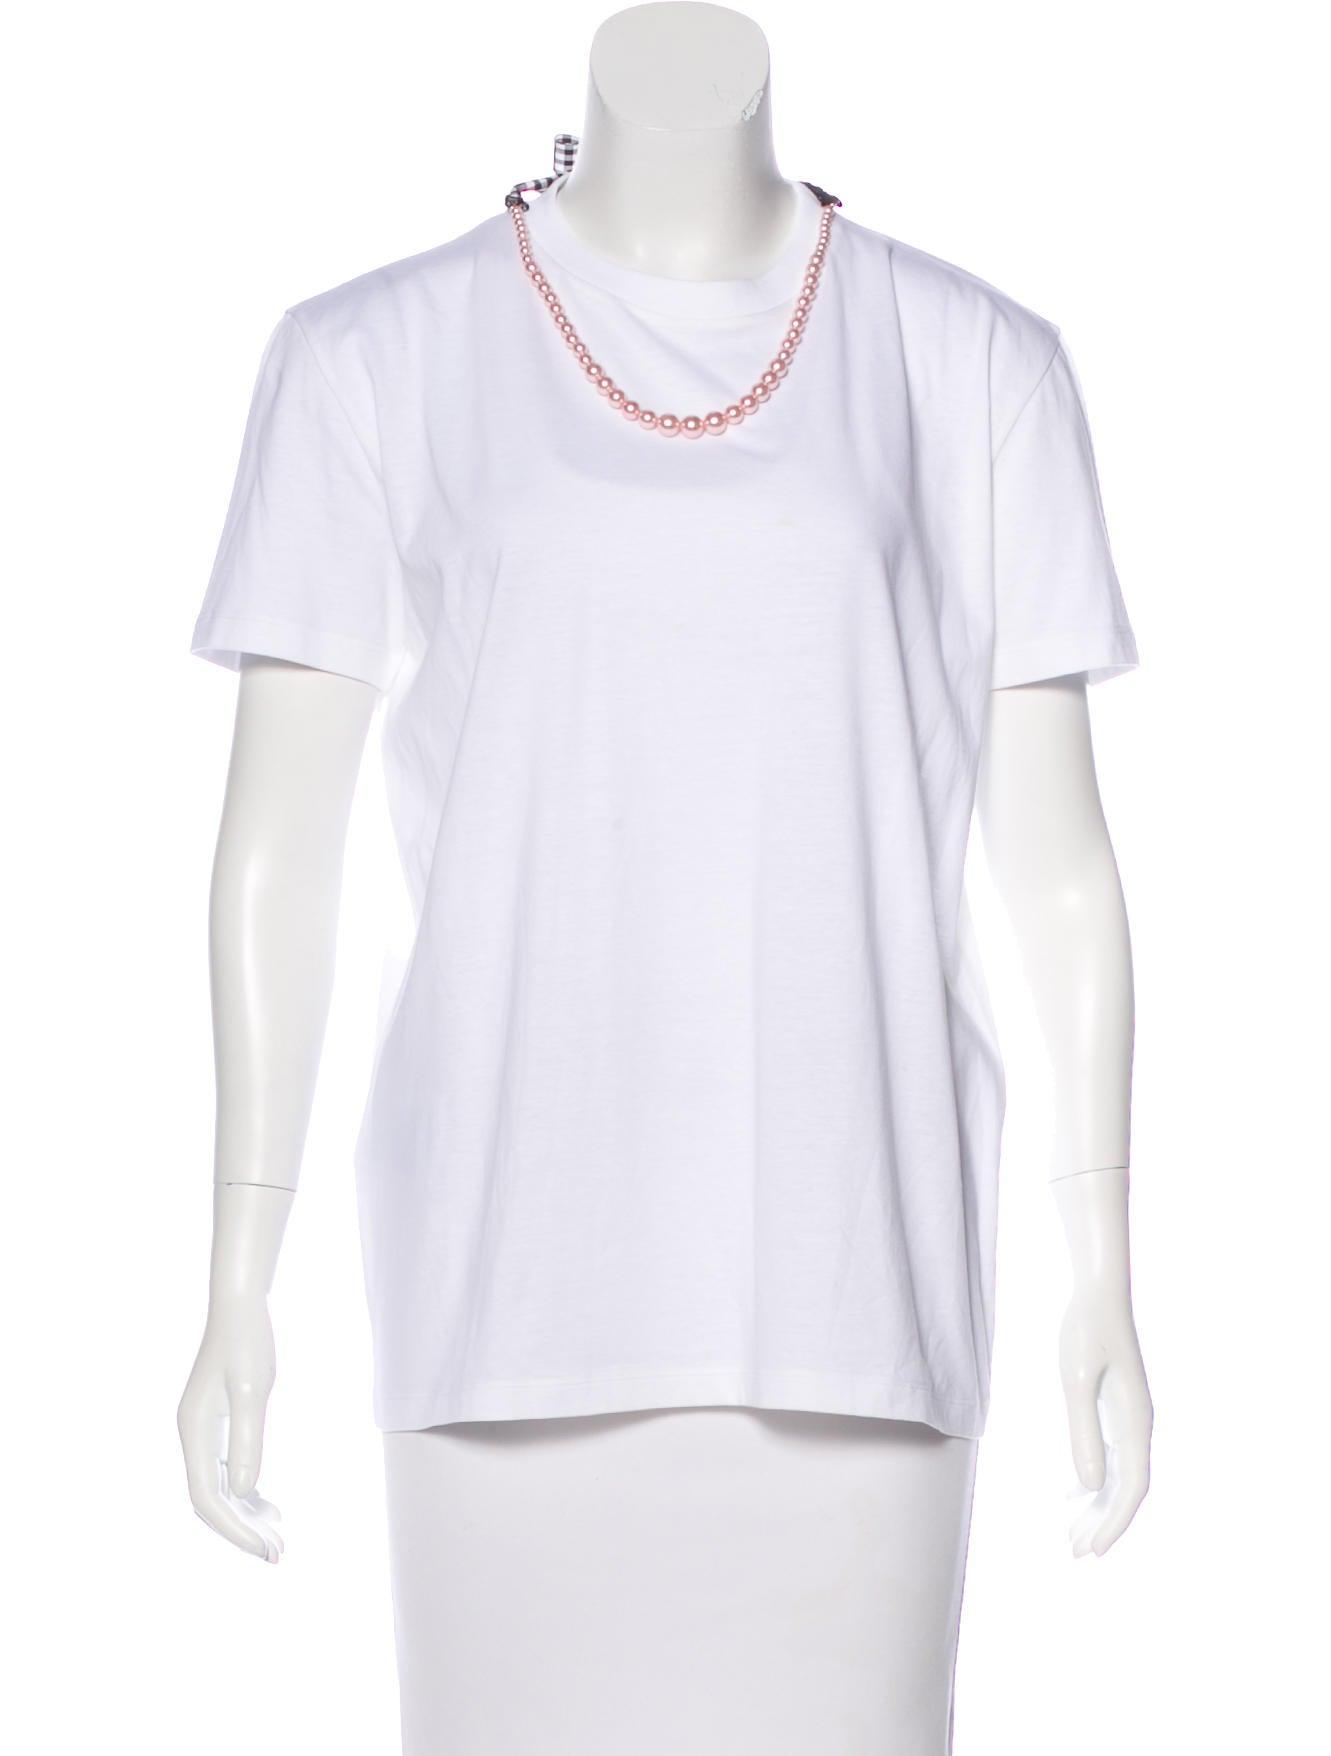 Miu miu 2017 embellished t shirt clothing miu55116 for Miu miu t shirt